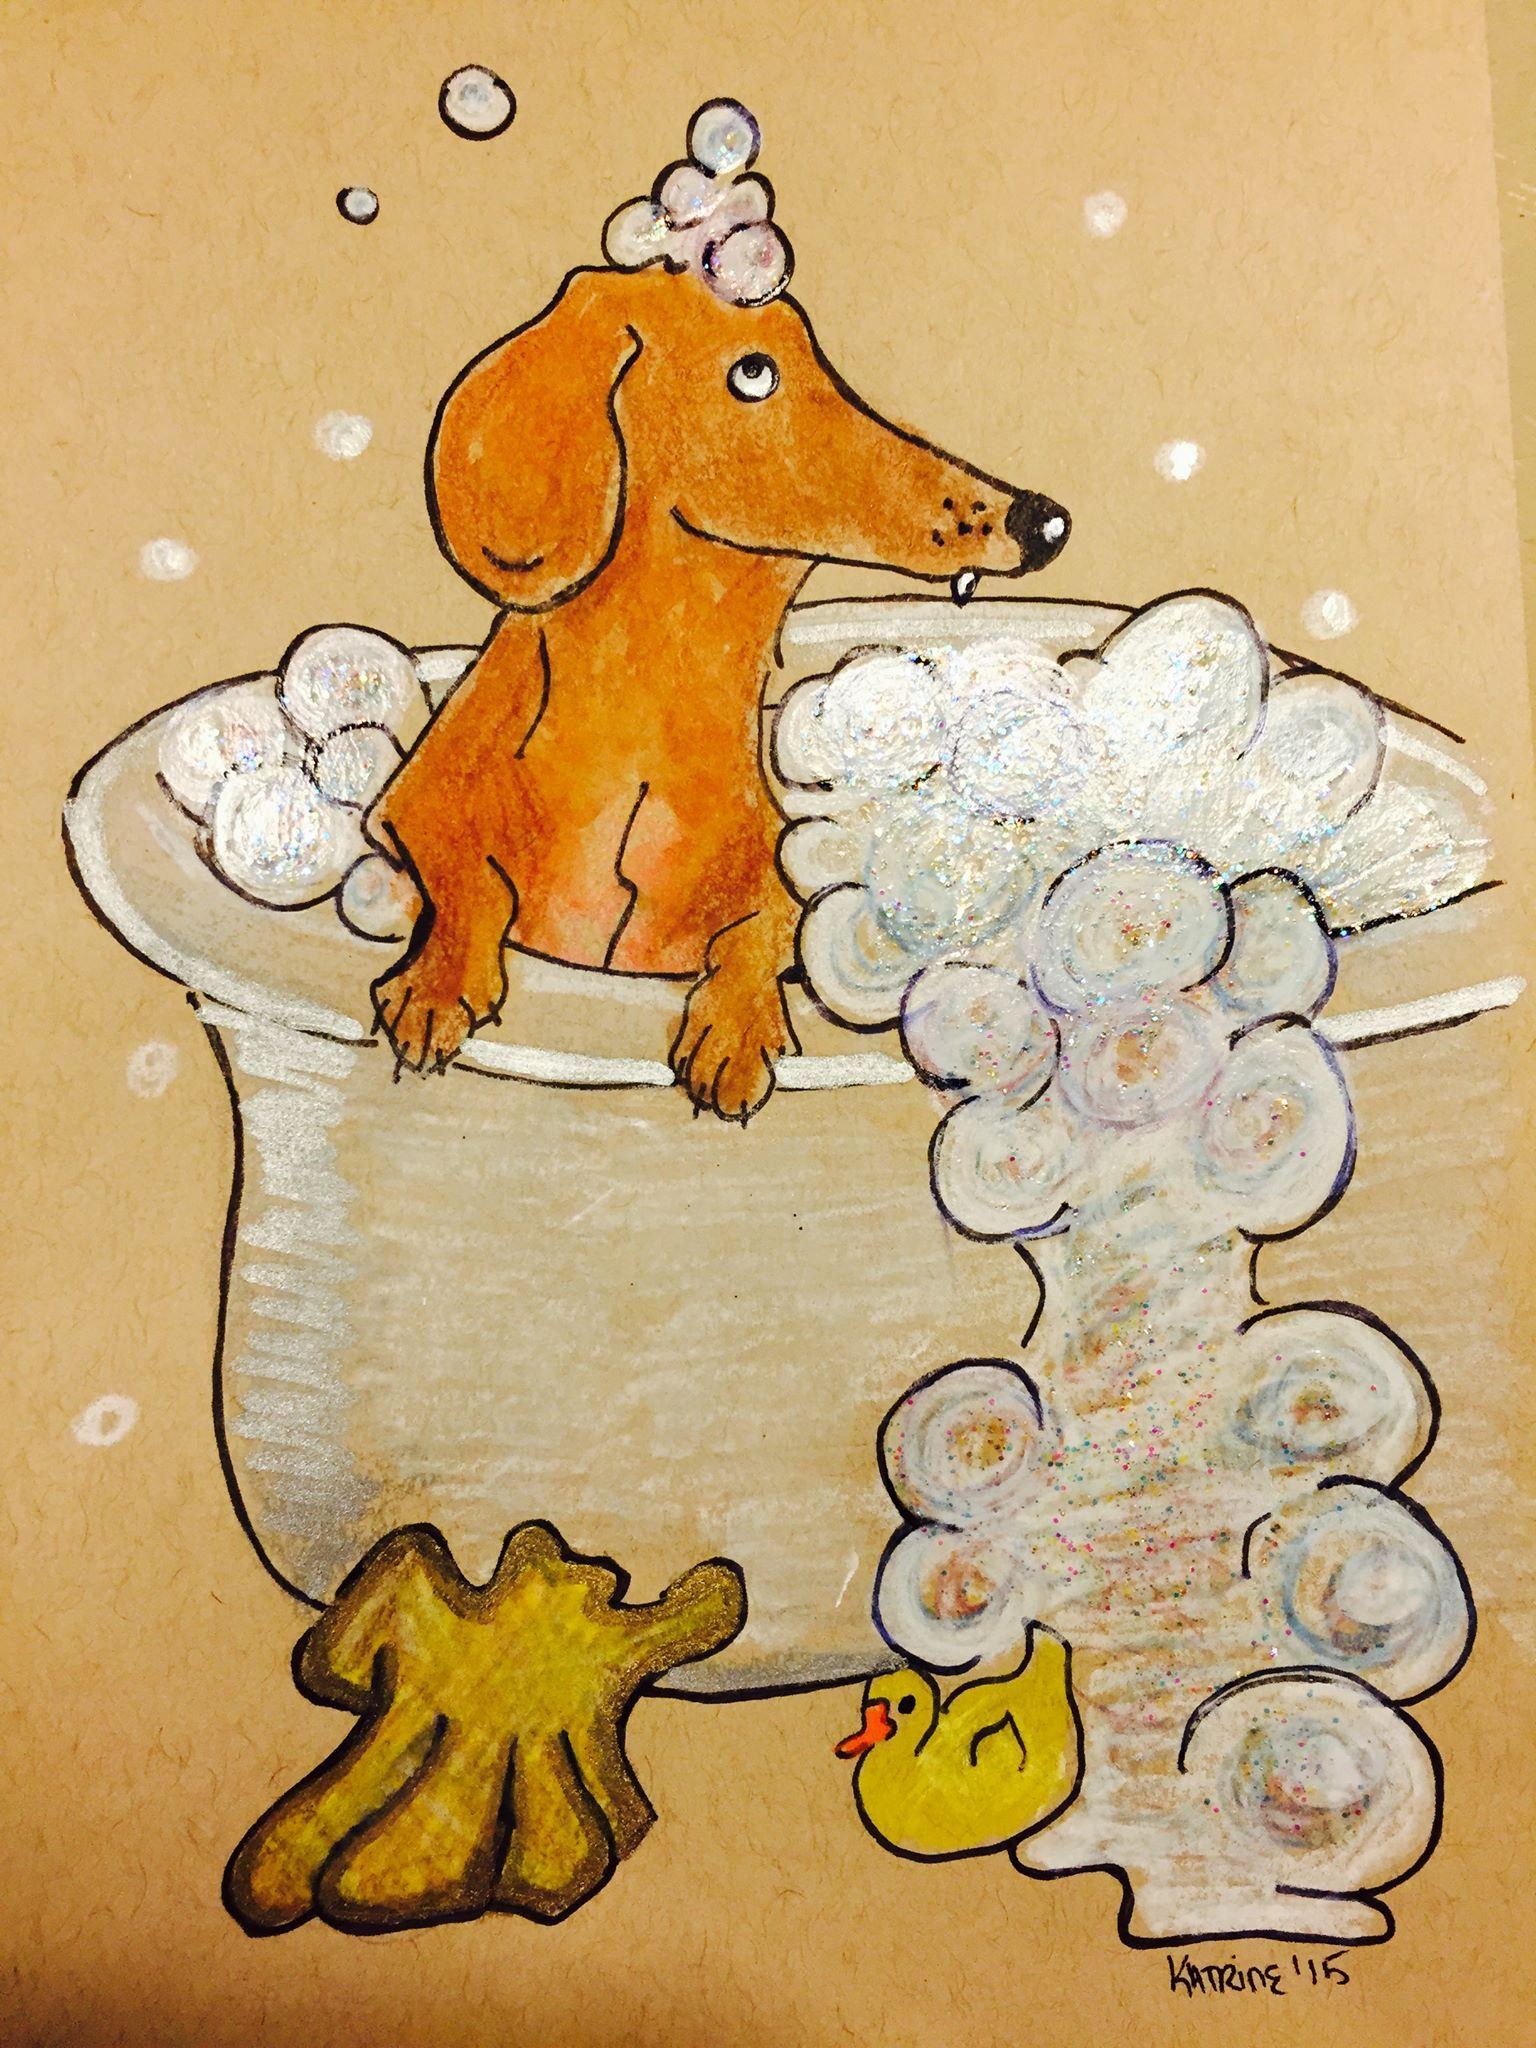 Dachshund In Bathtub In Bathroom Art Illustration Drawing Sausage